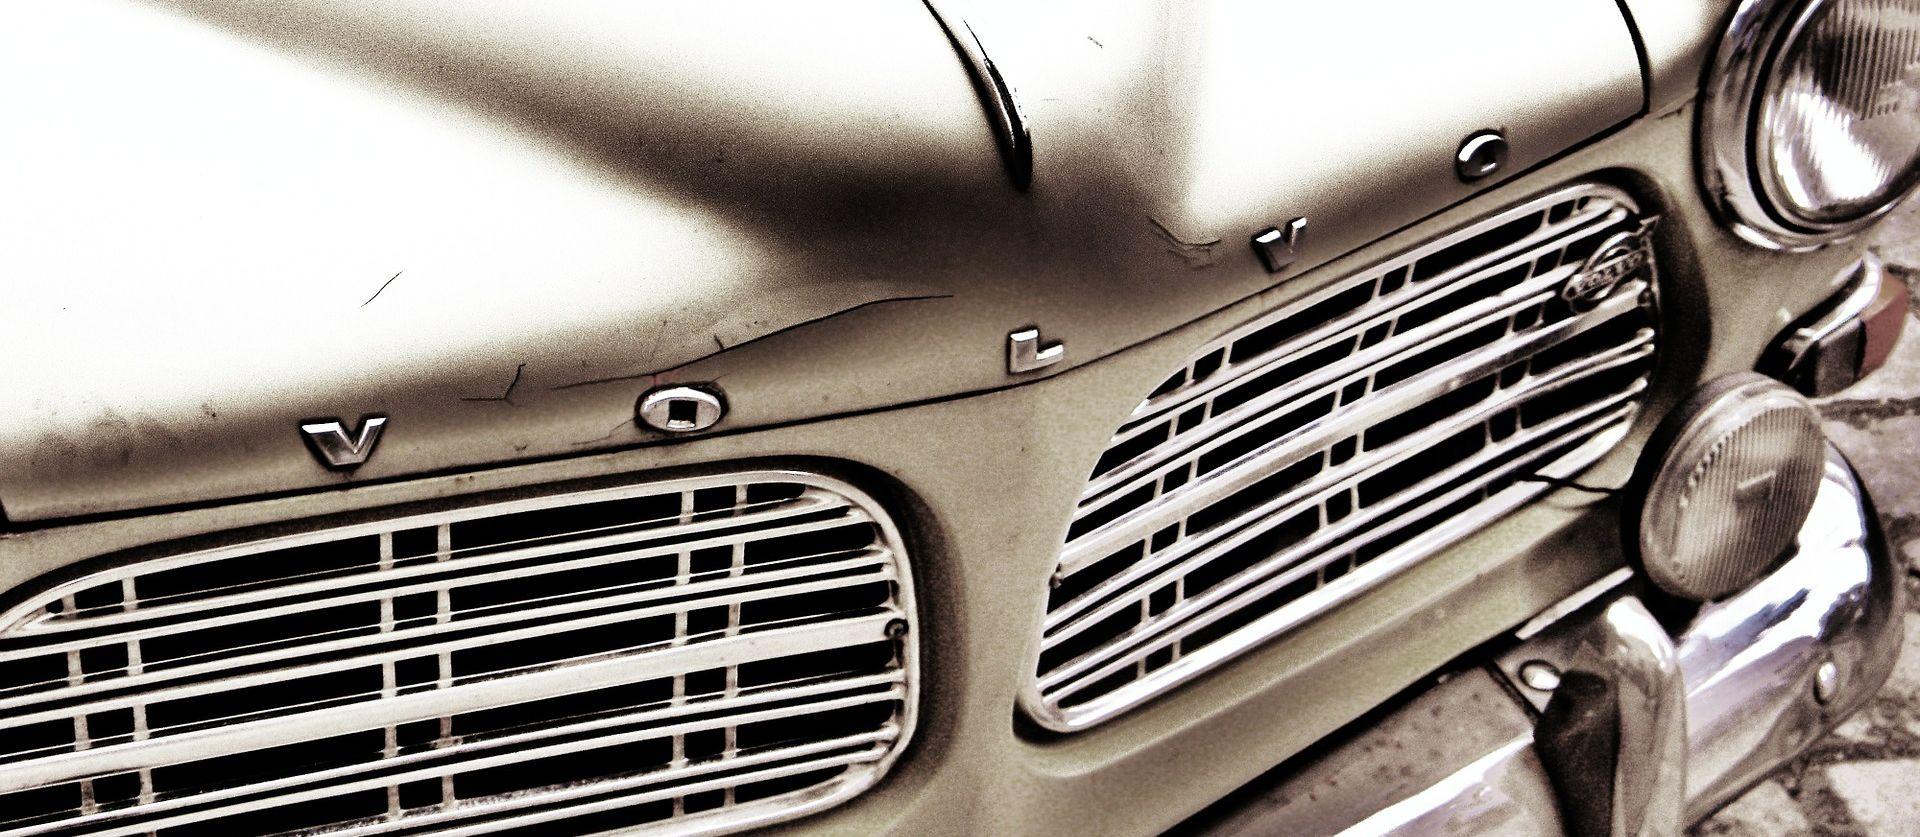 Volvo nije najprodavaniji automobil u Švedskoj, prvi puta od 1962. godine